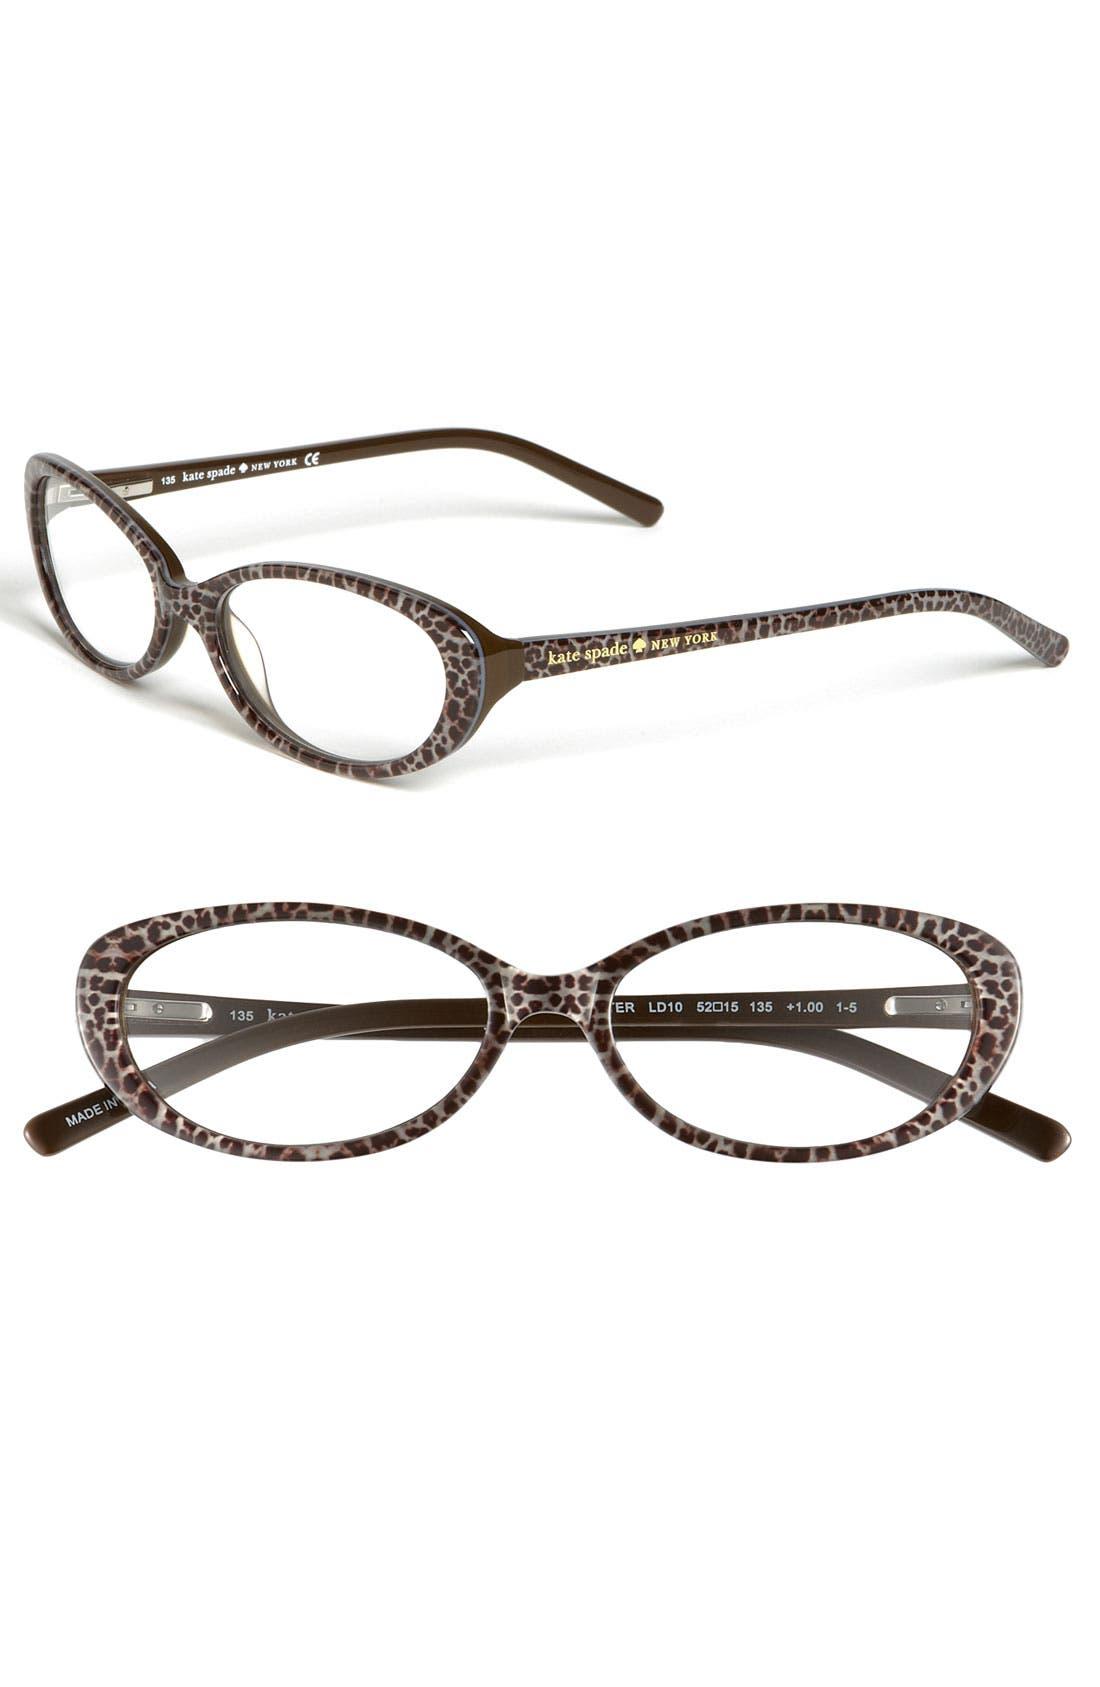 Main Image - kate spade new york 'hester' reading glasses (2 for $88)